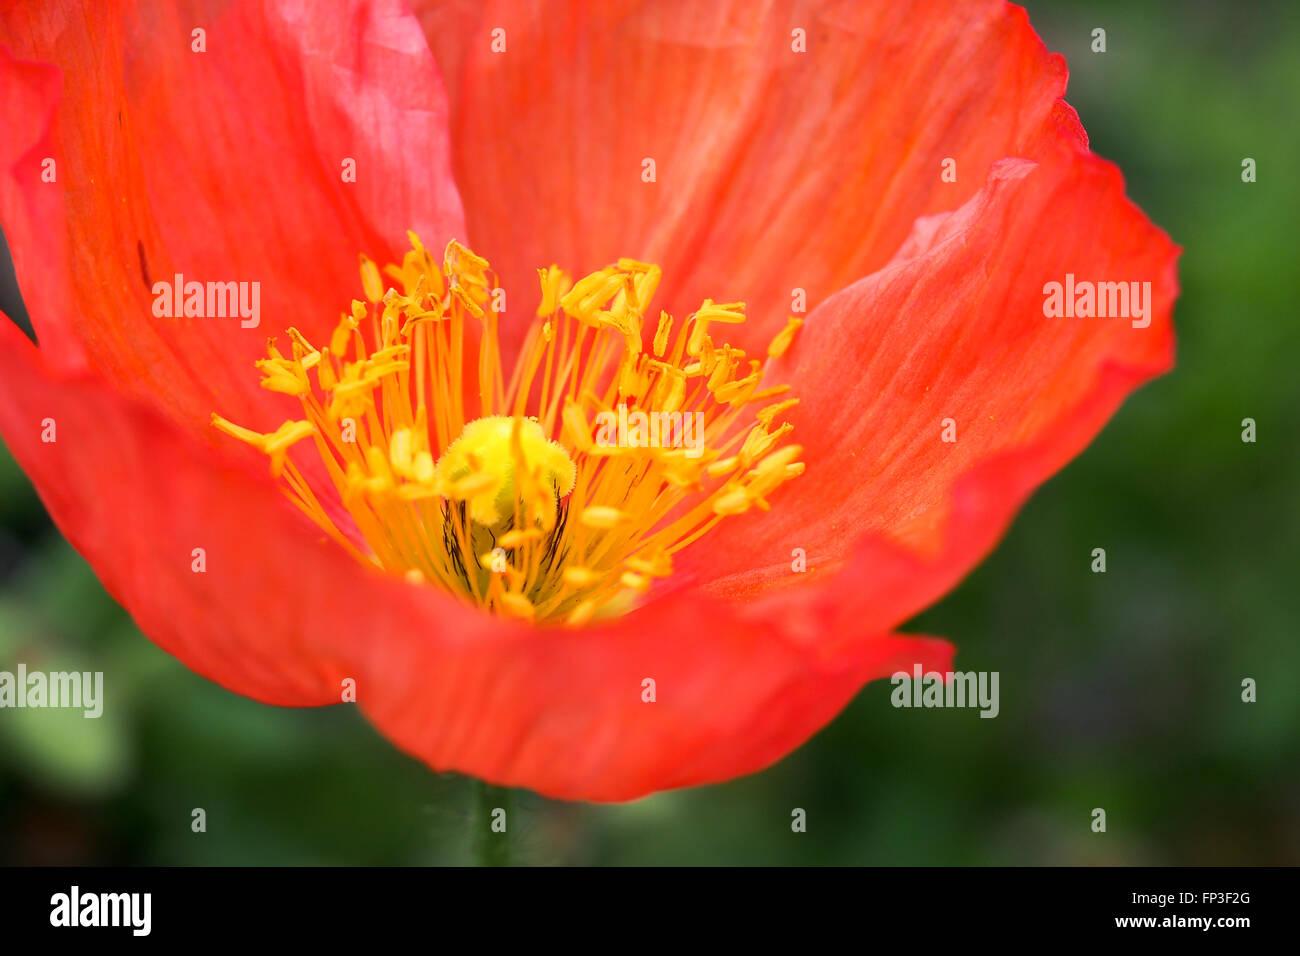 Iceland poppy flower red stock photo 99651960 alamy iceland poppy flower red mightylinksfo